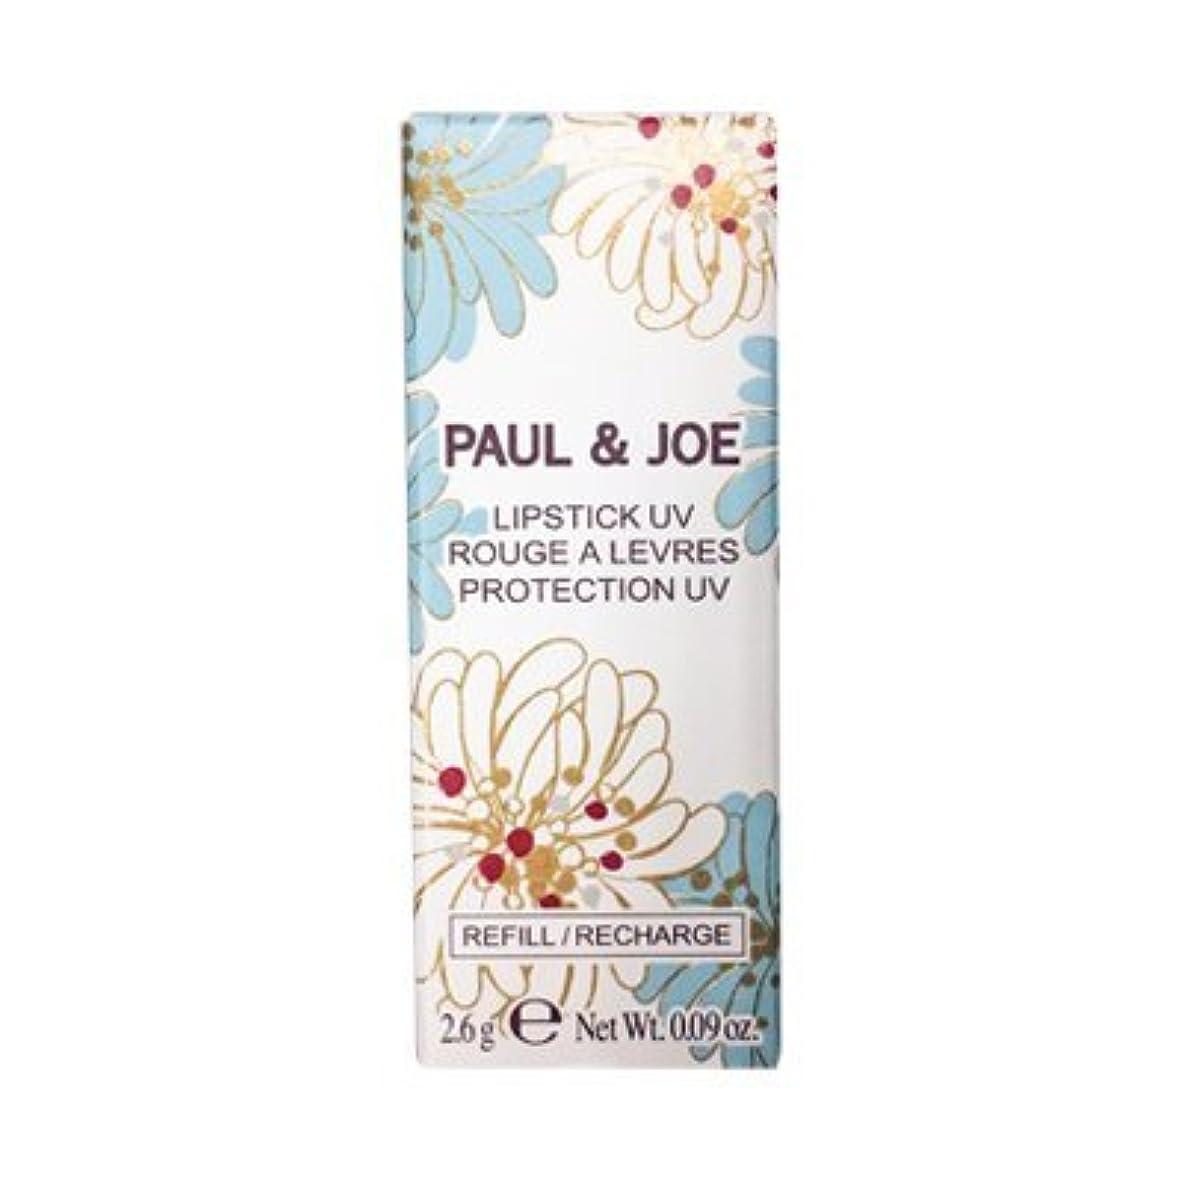 瞑想絶え間ないコンデンサーポール & ジョー / PAUL & JOE リップスティック UV (レフィル) #403 [ リップケア ] [並行輸入品]